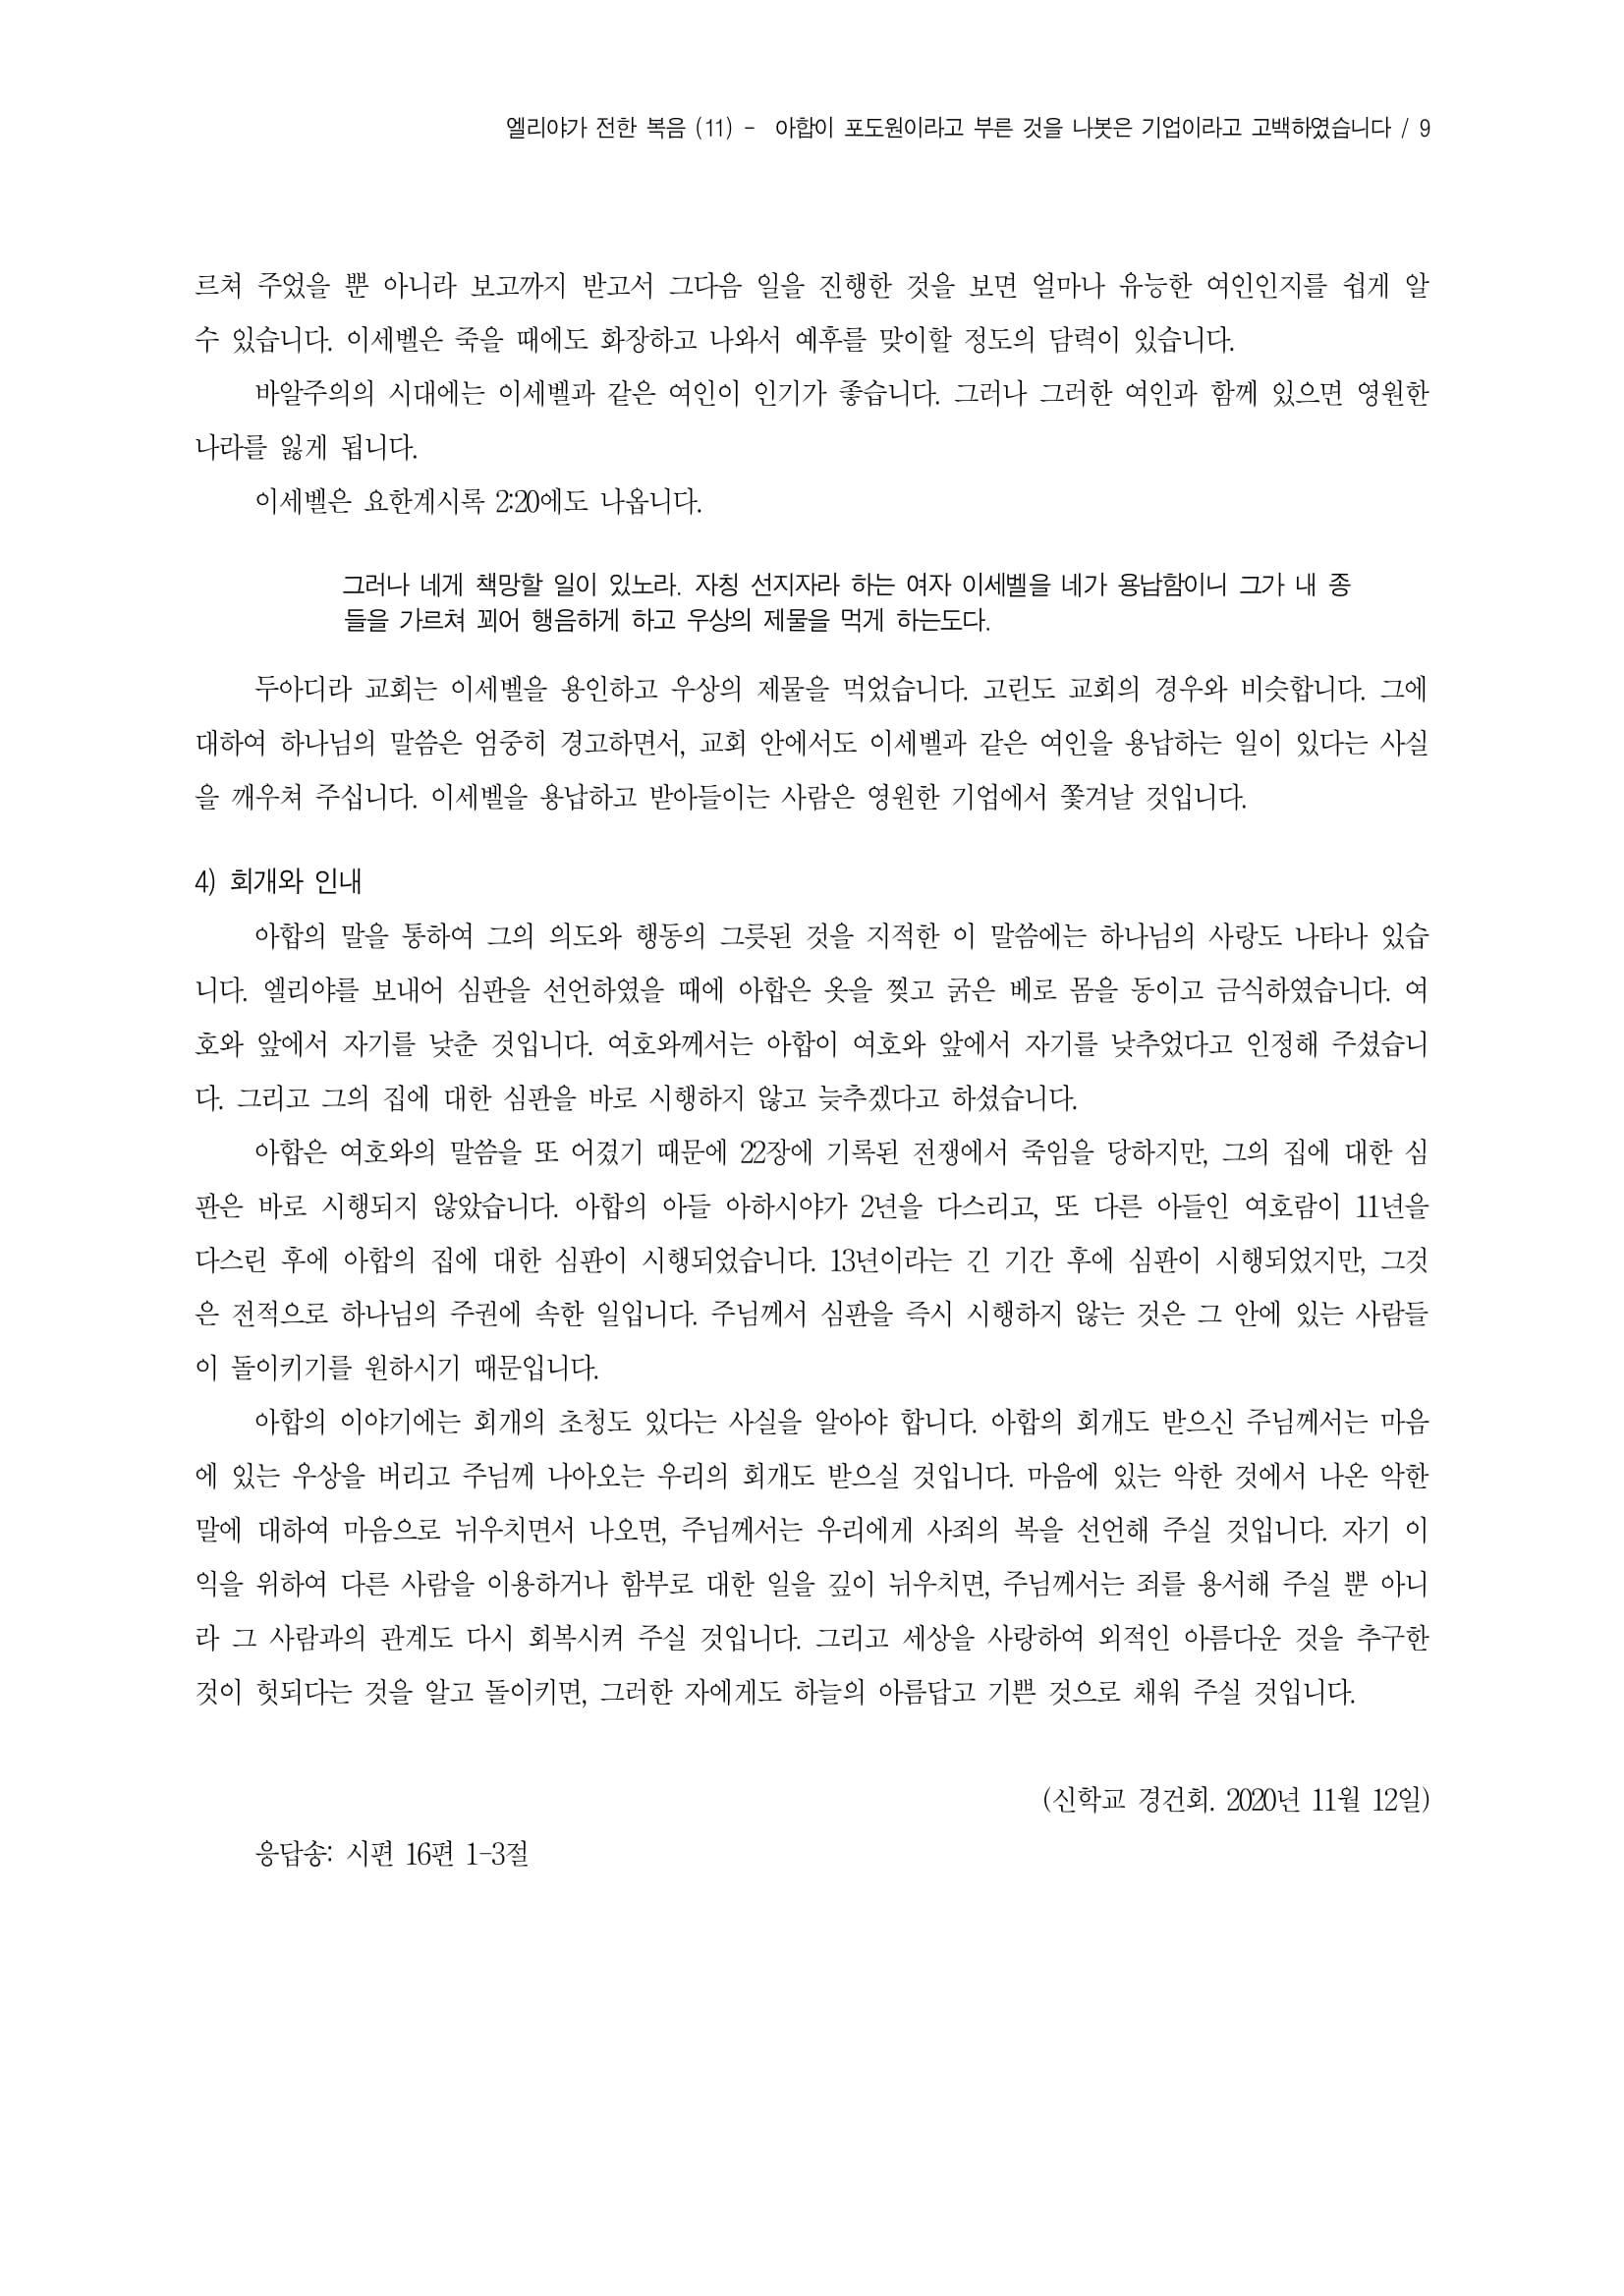 엘리야(11)_나봇의 기업과 아합의 포도원-왕상21장-9.jpg